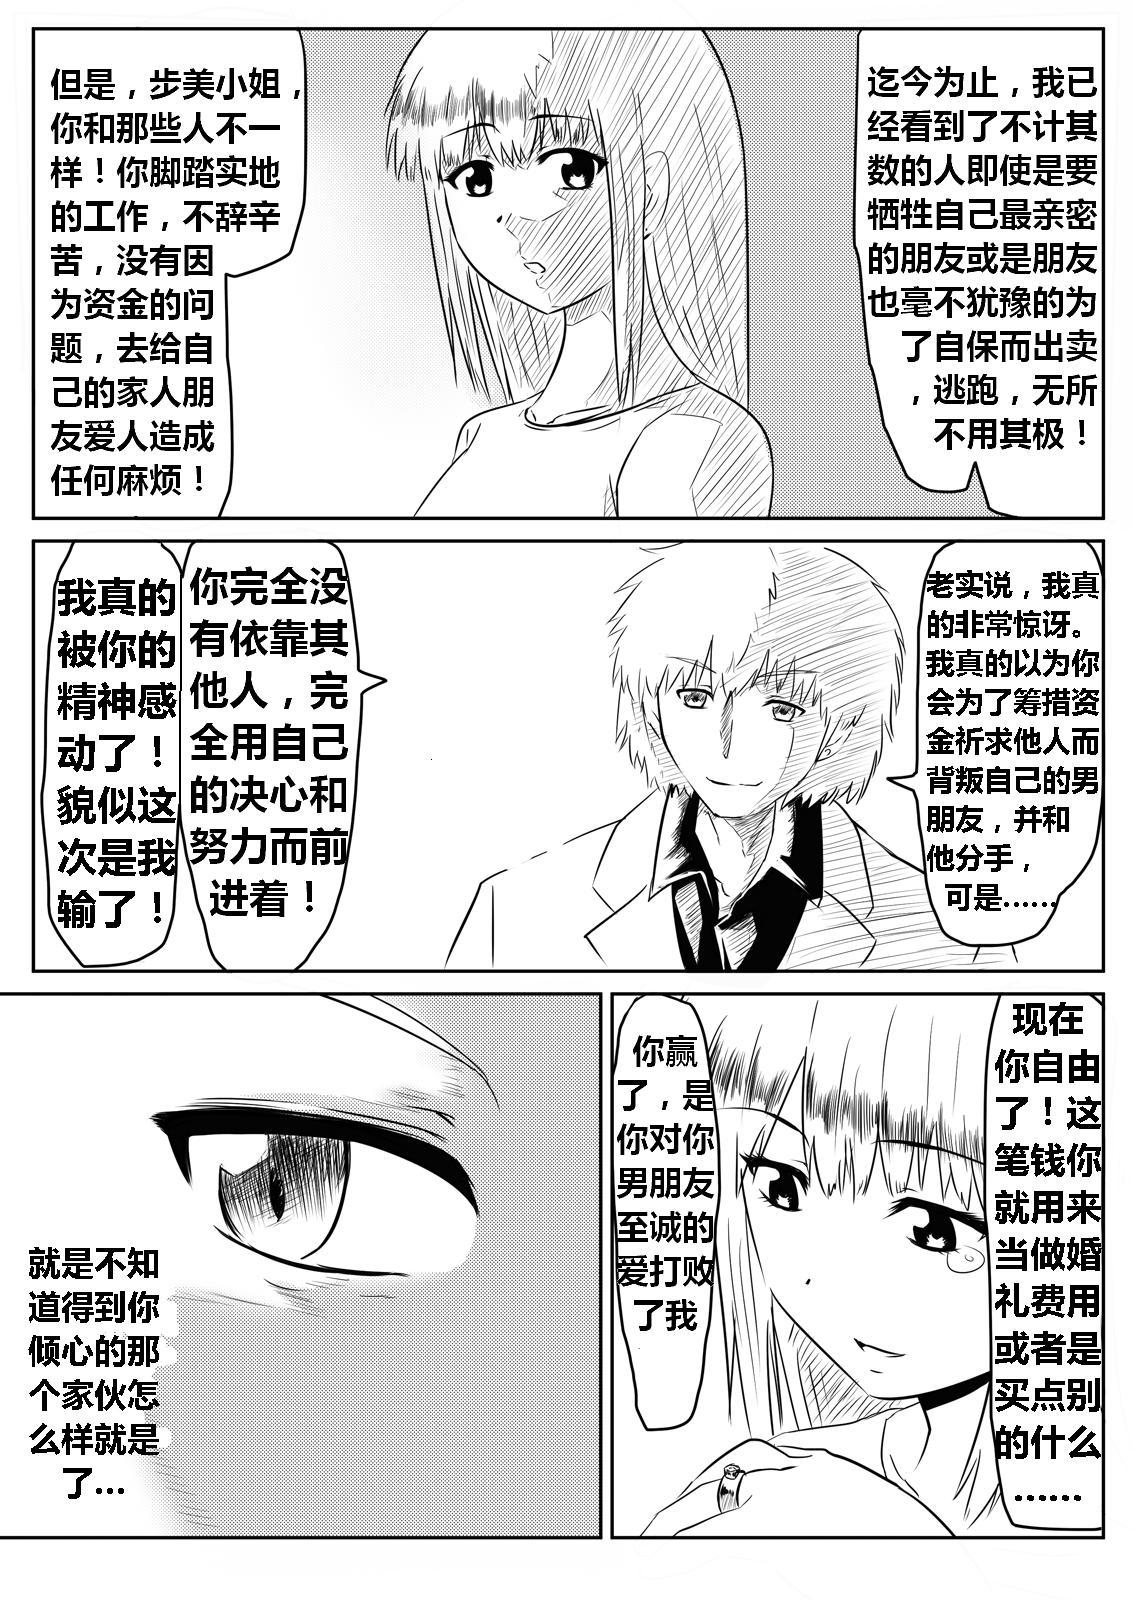 Ore no Kanojo ga Fuuzokujou ni Natta Riyuu | 女朋友下海拍片了 57